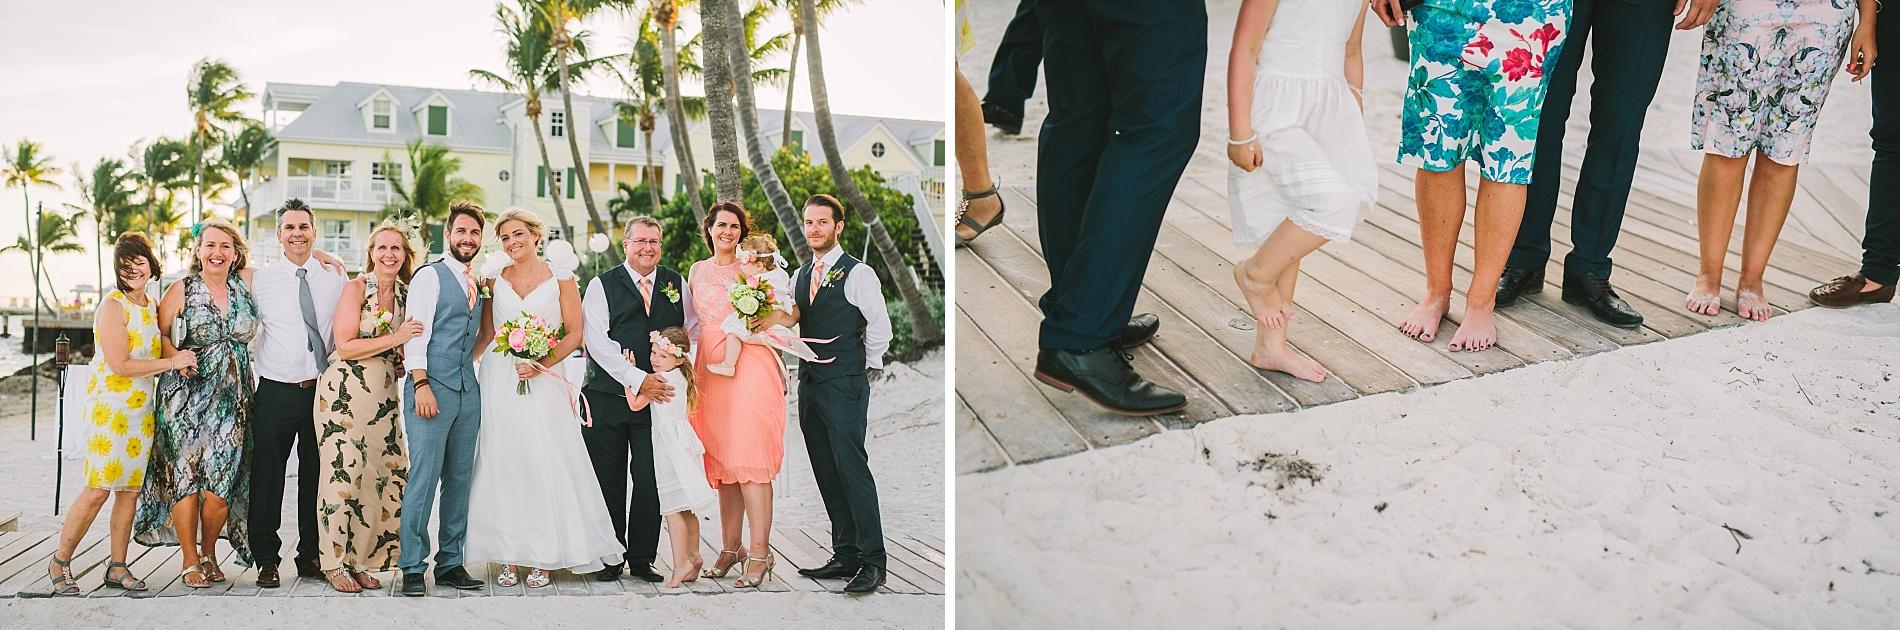 key west wedding photography 050